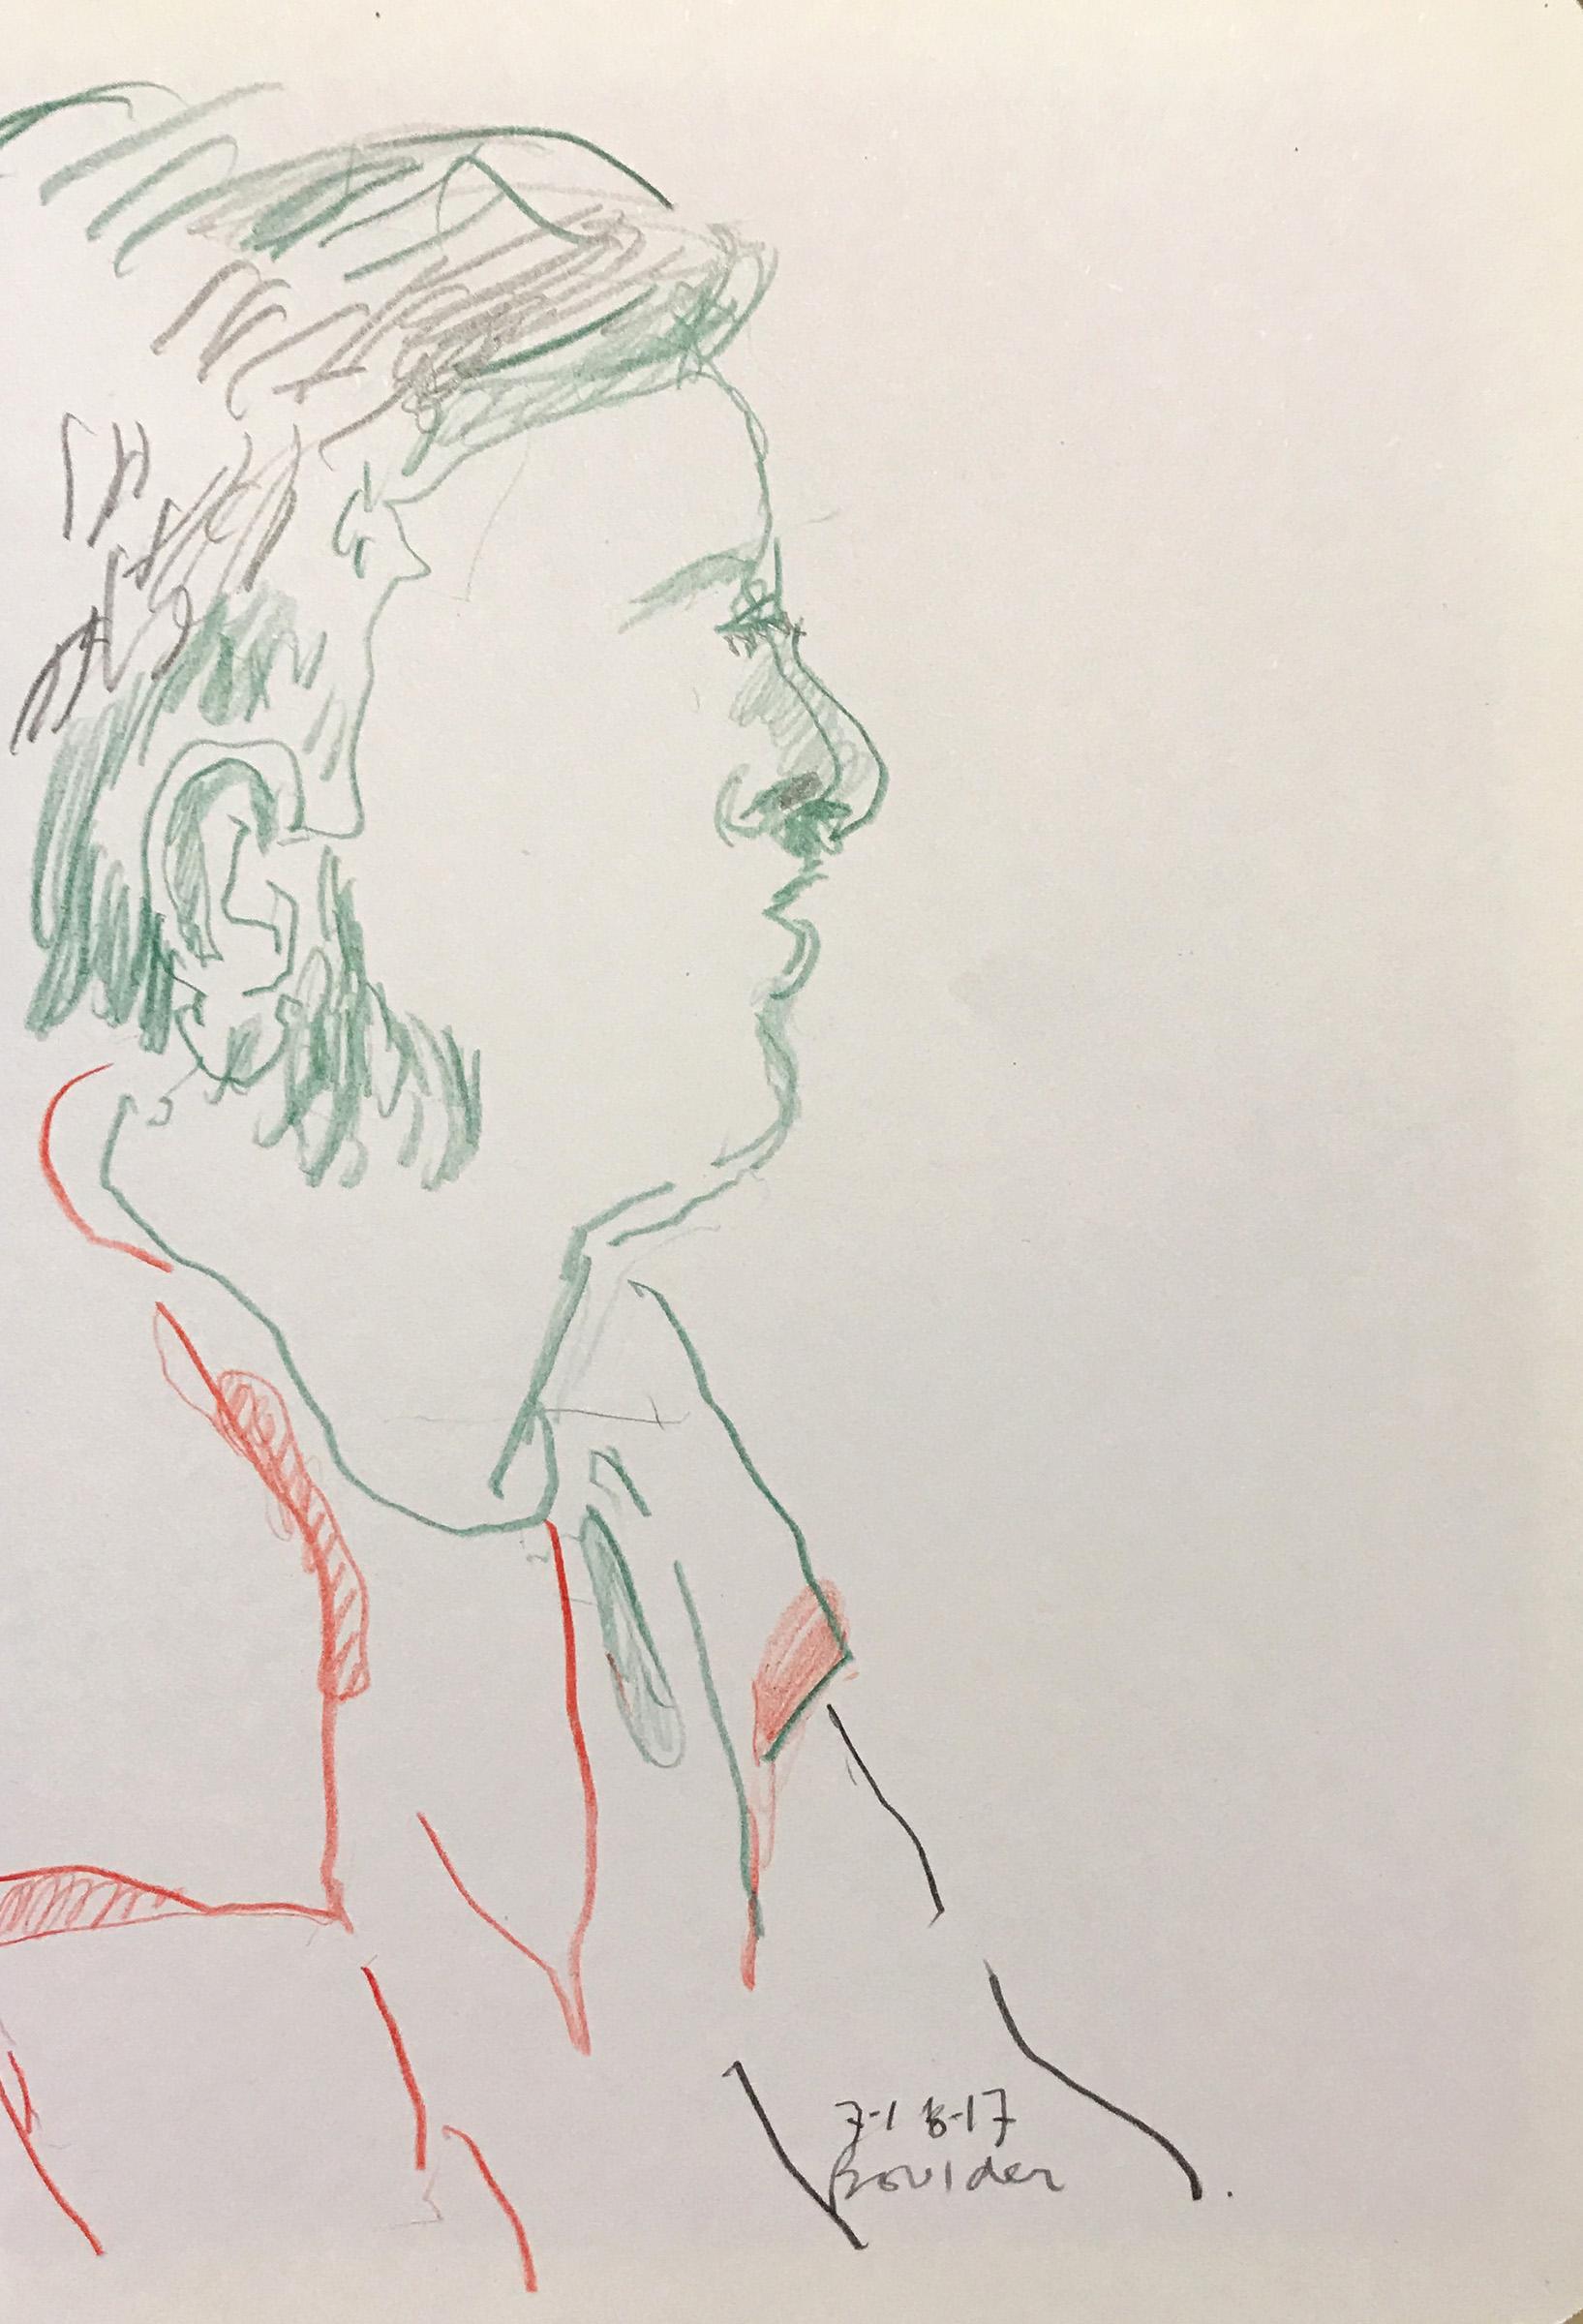 SITE-7-16-17 drawing.jpg